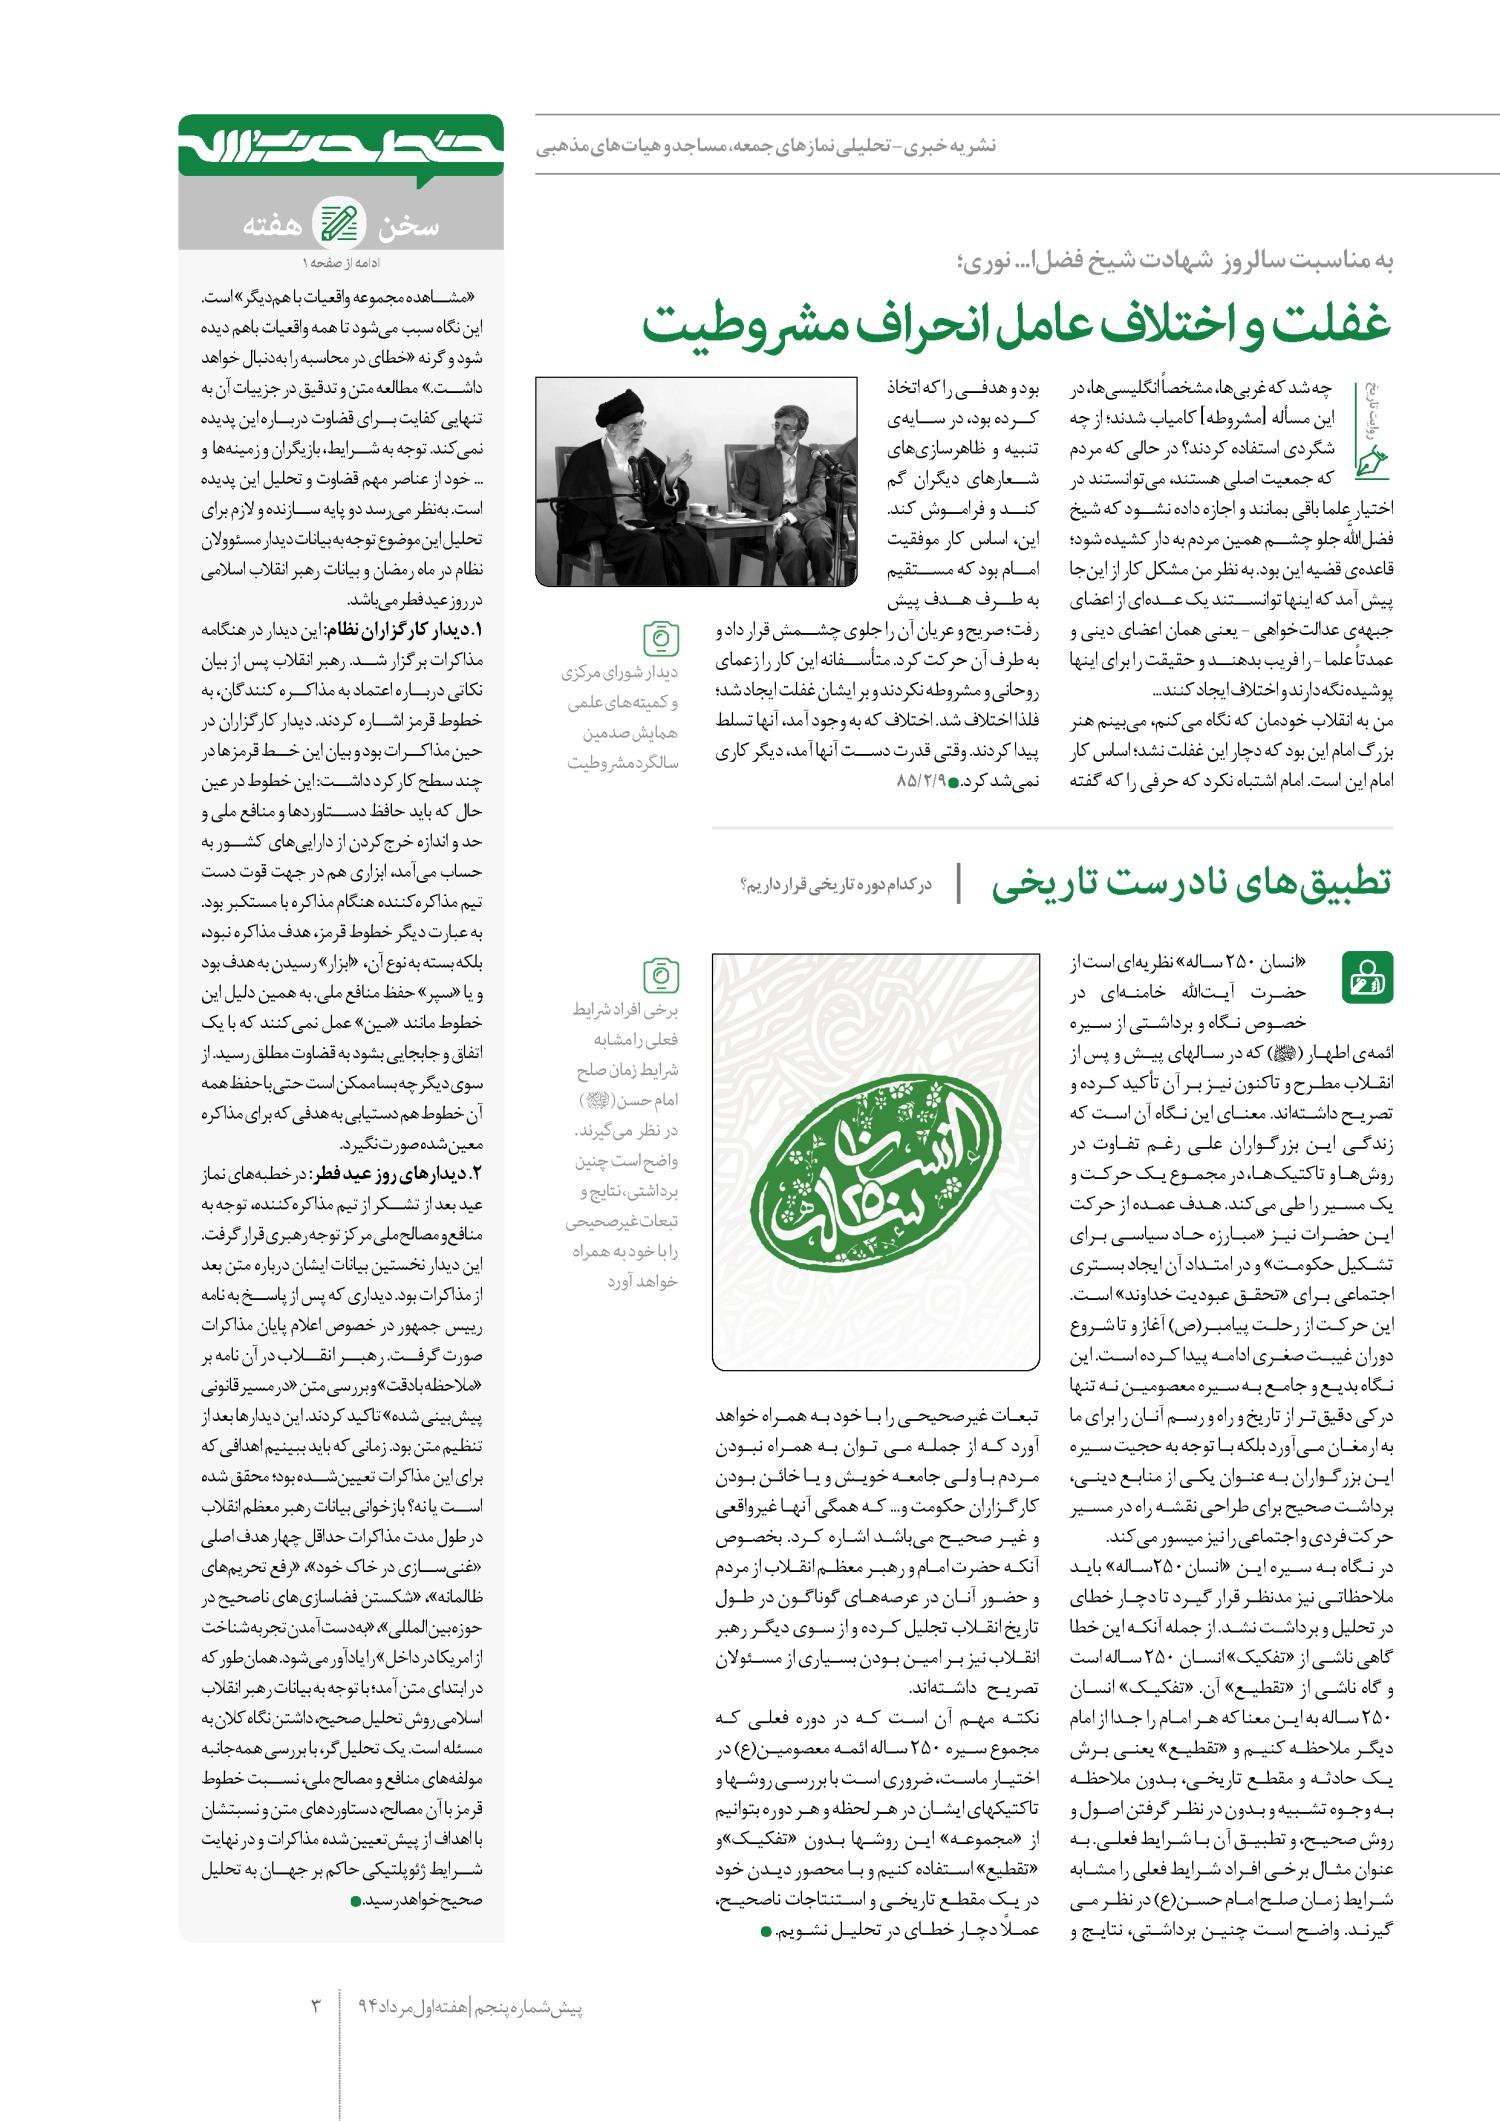 خط حزب الله -پیش شماره پنجم page large 311